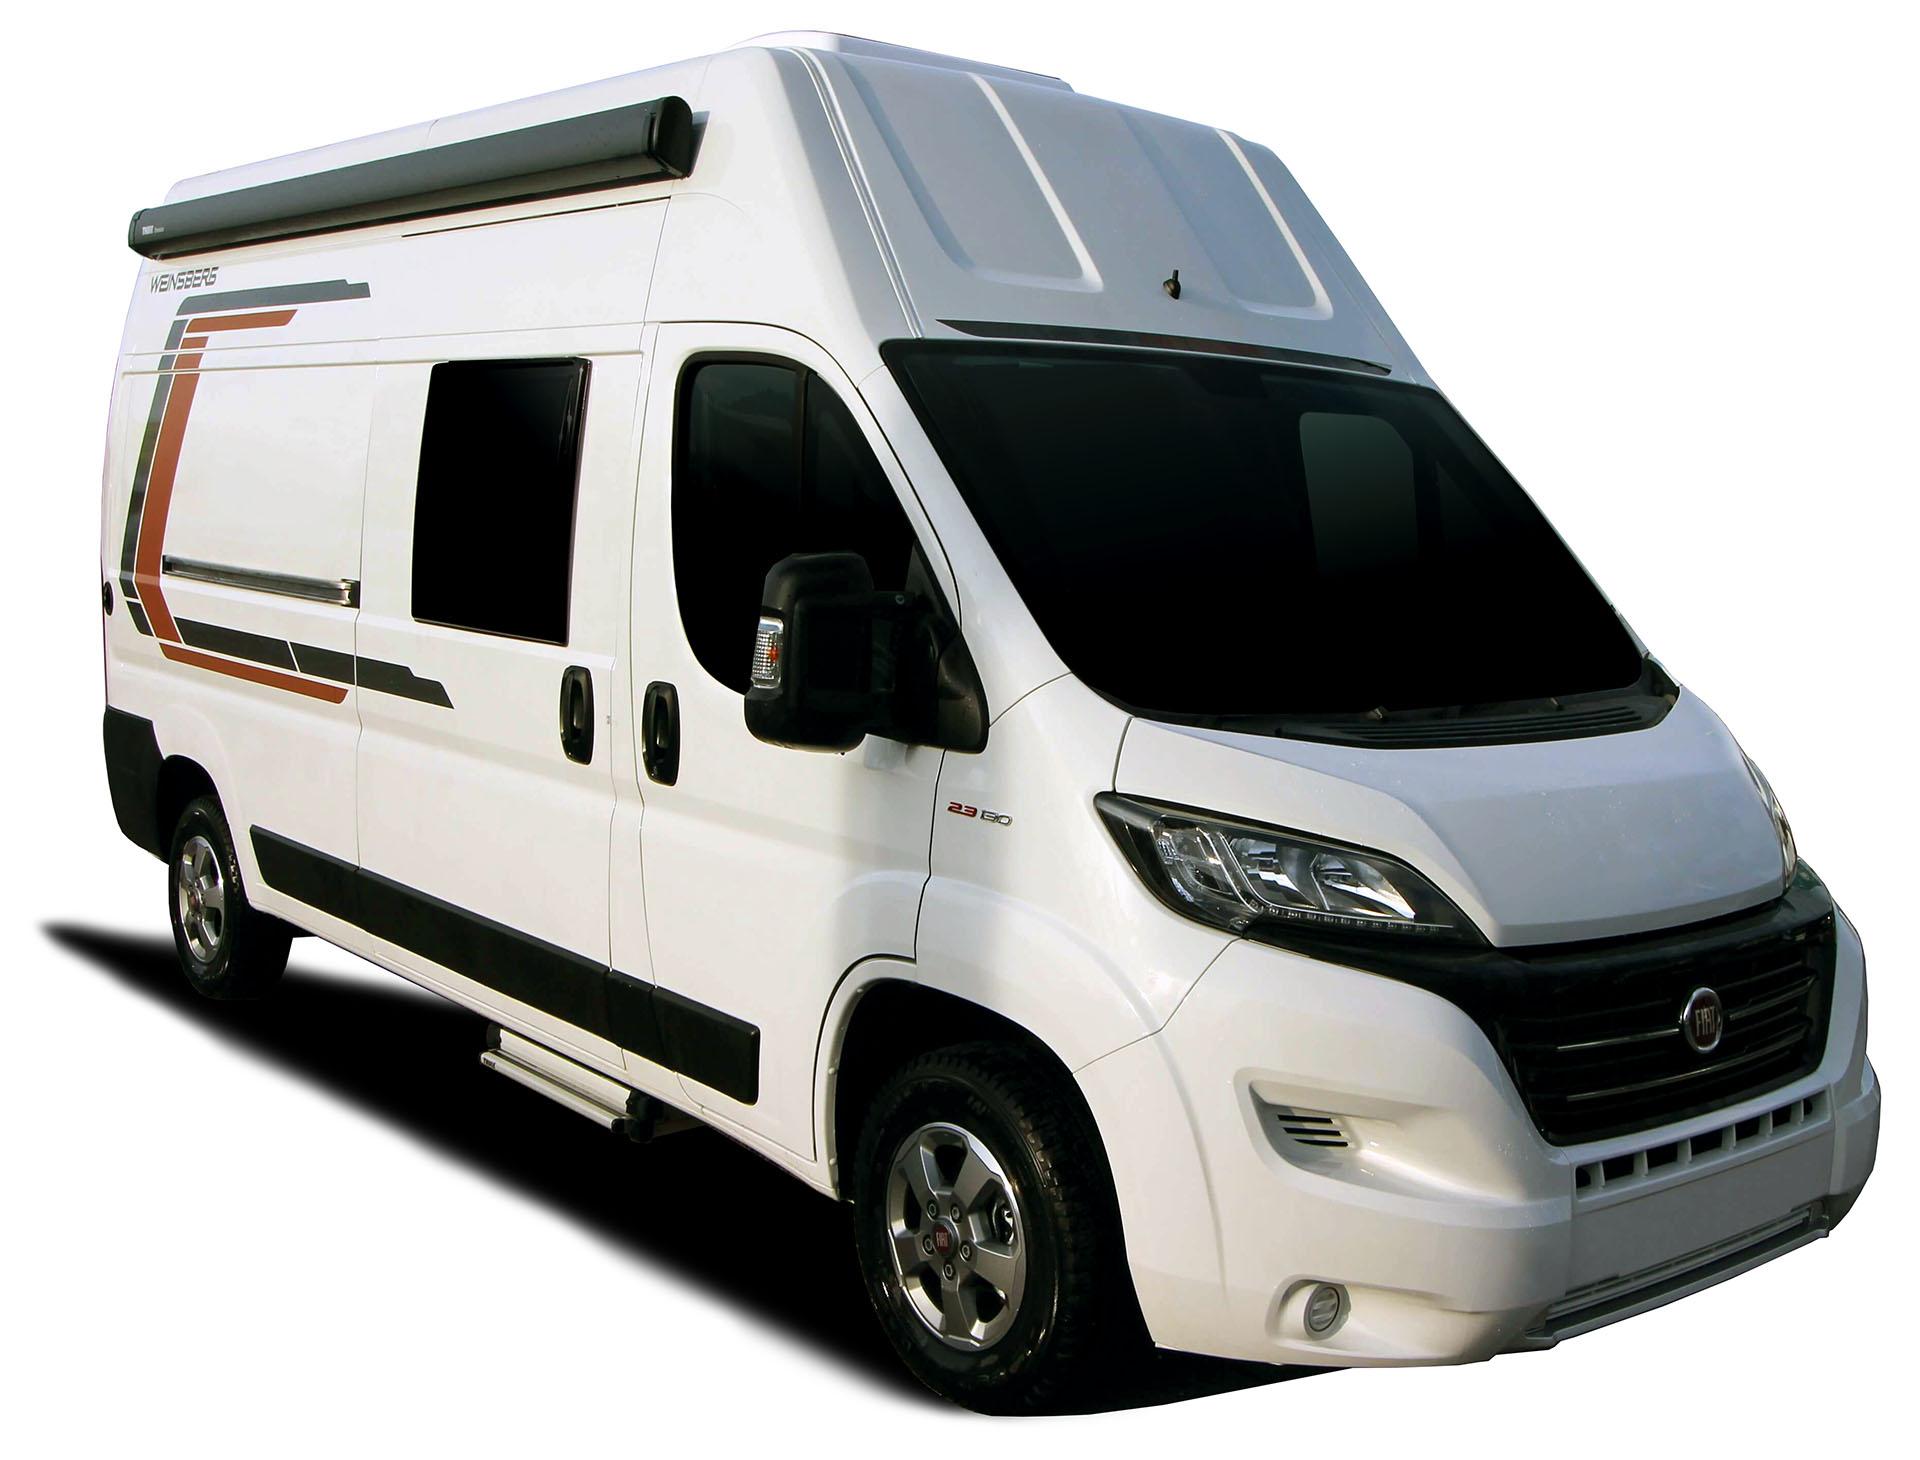 Europcar X8 - Kompaktes Wohnmobil für 8 Erwachsne & 8 Kinder zur